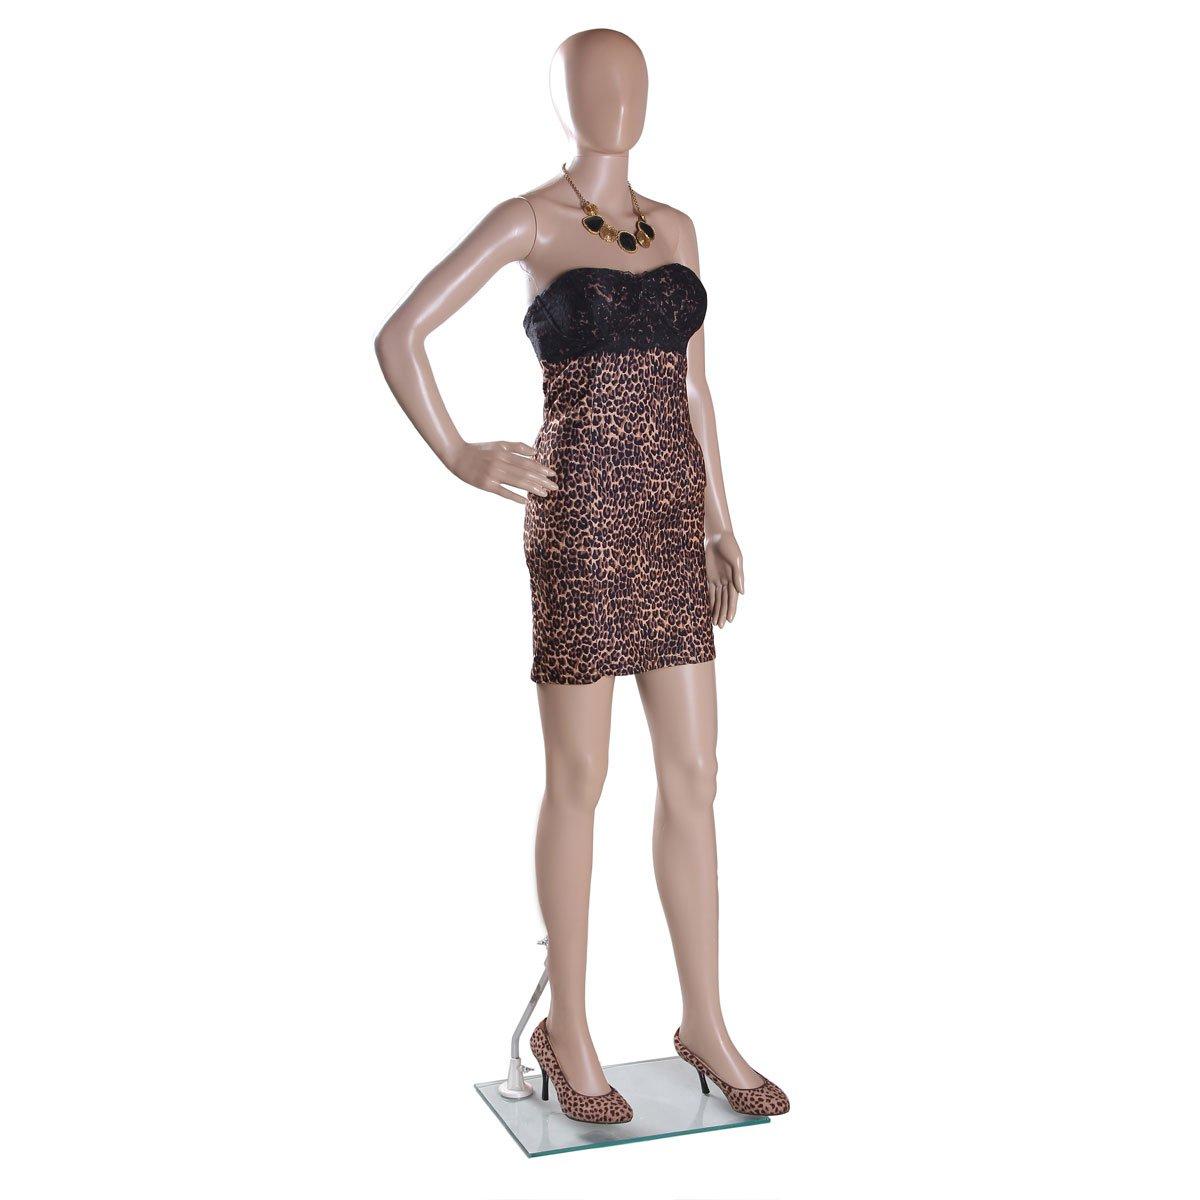 FC-11-female-mannequin